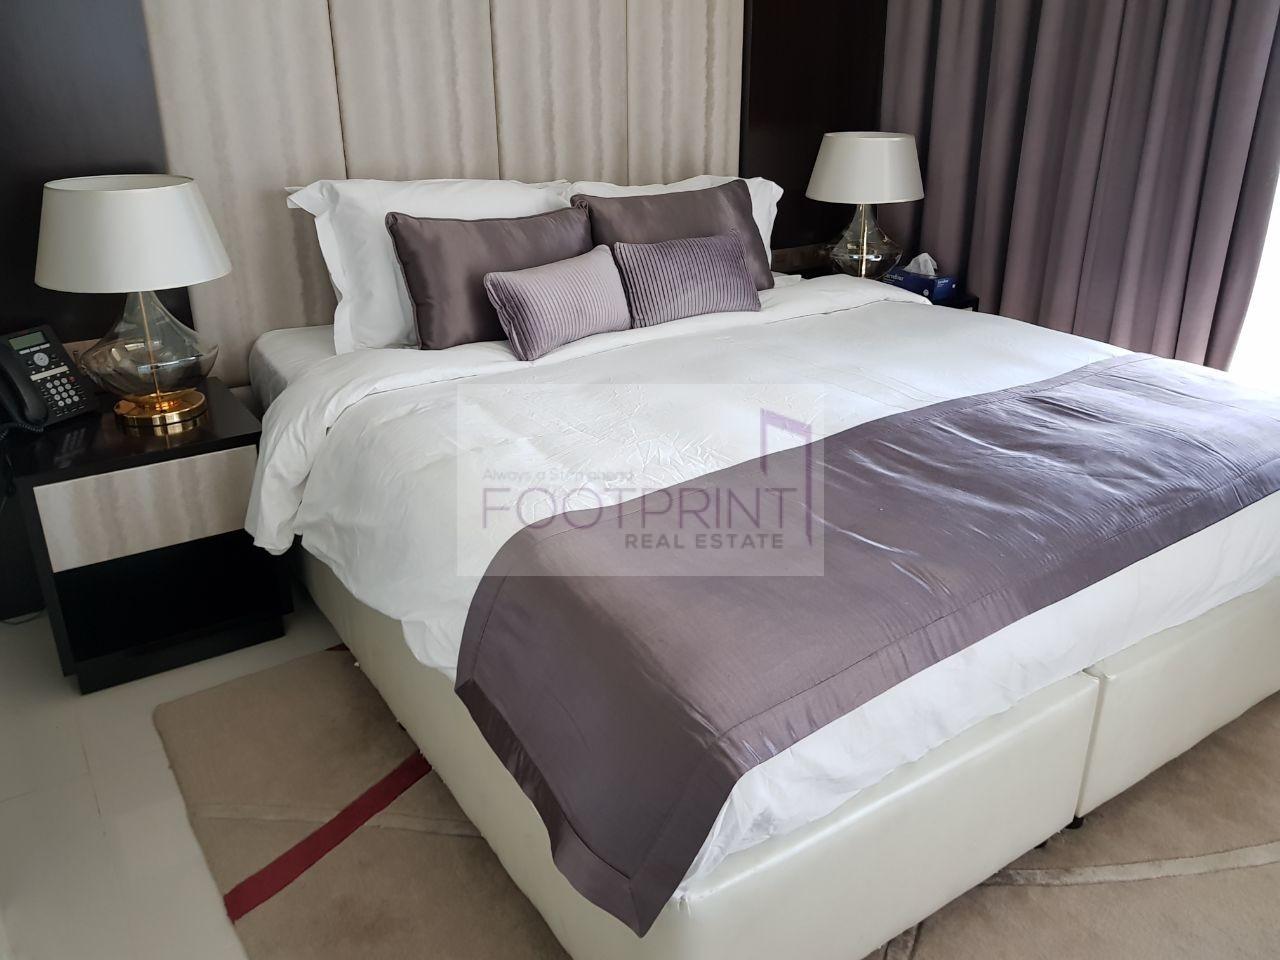 Cheapest I 2 Bed Furnished I Upper Crest